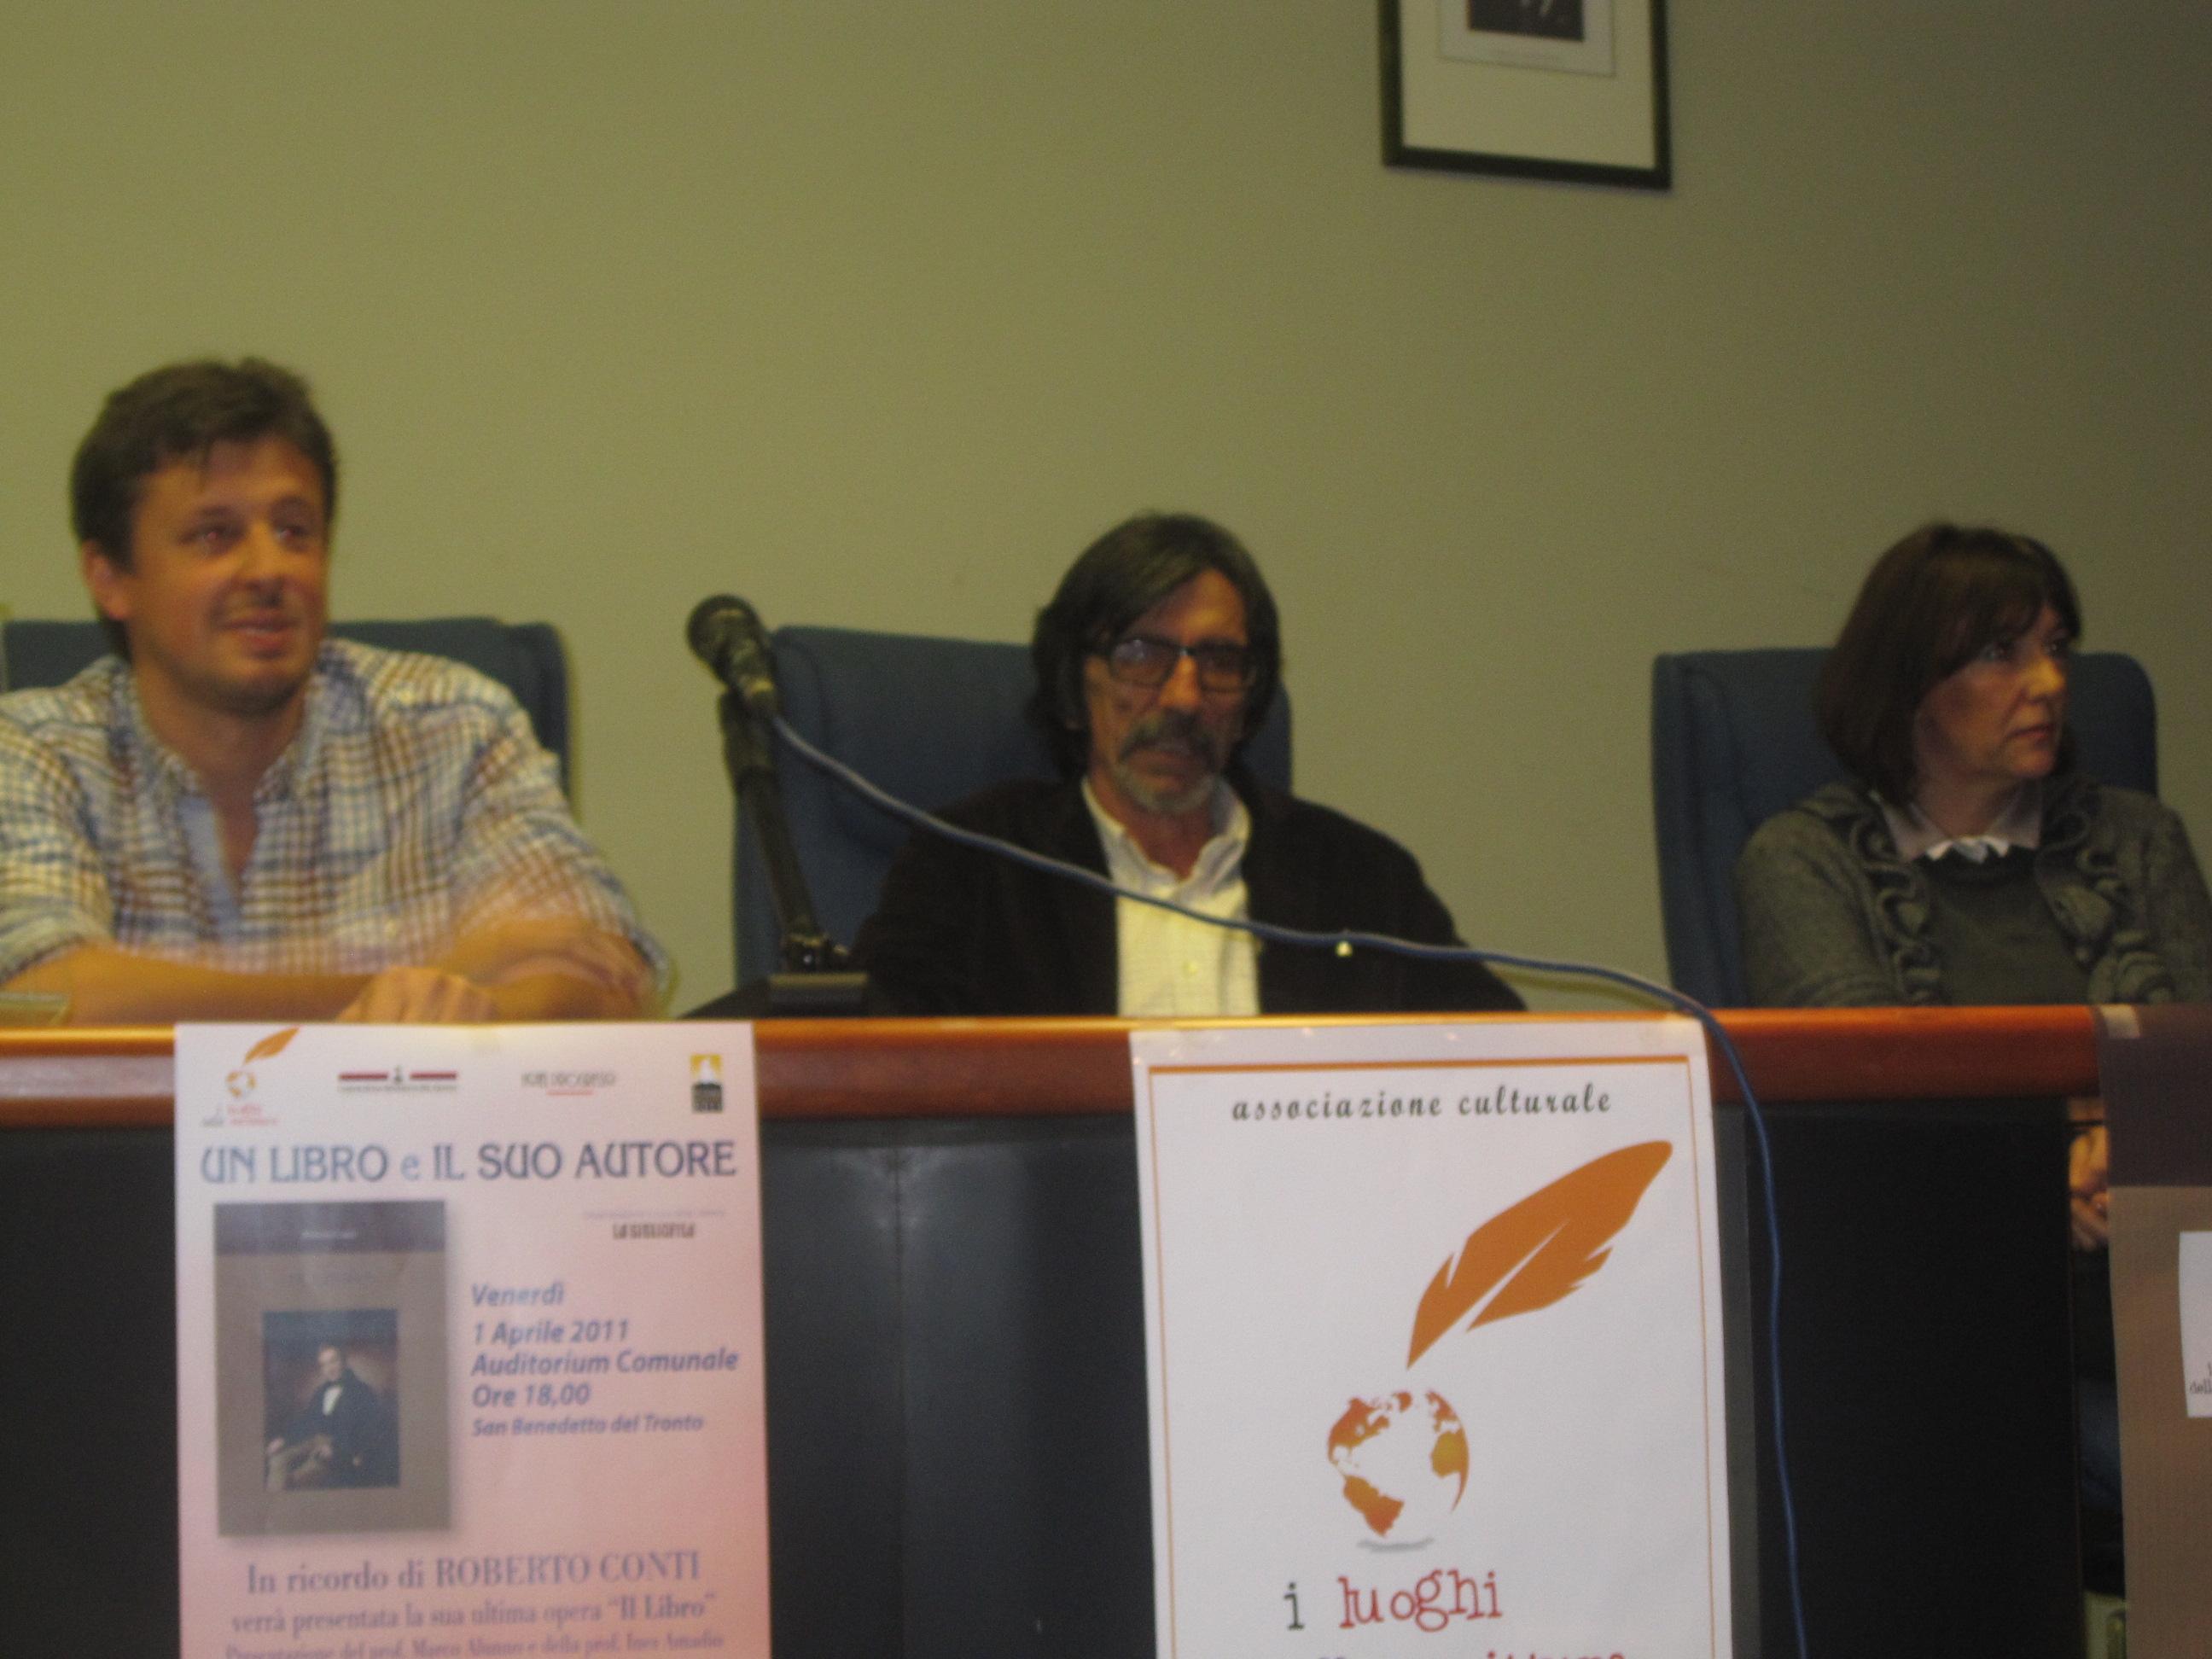 Presentazione dell'ulimo libro di Roberto Conti da sinistra Andrea Conti, Marco Alunno, Ines Amadio